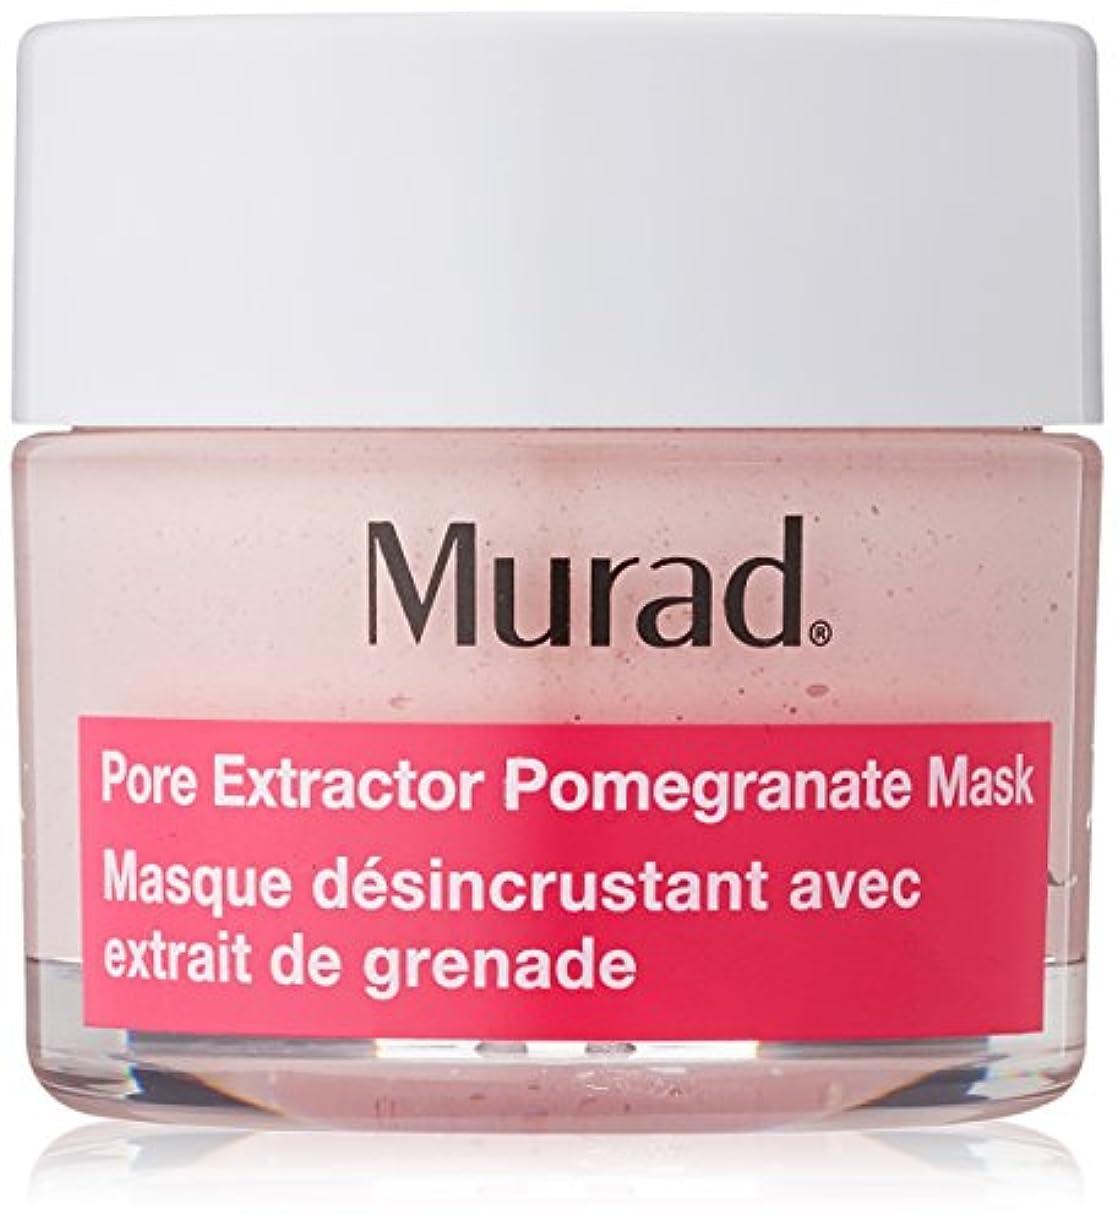 ハイブリッド恐れる分数Murad ポアエクストラクター ざくろマスク、1.7 オンス (50 ml)